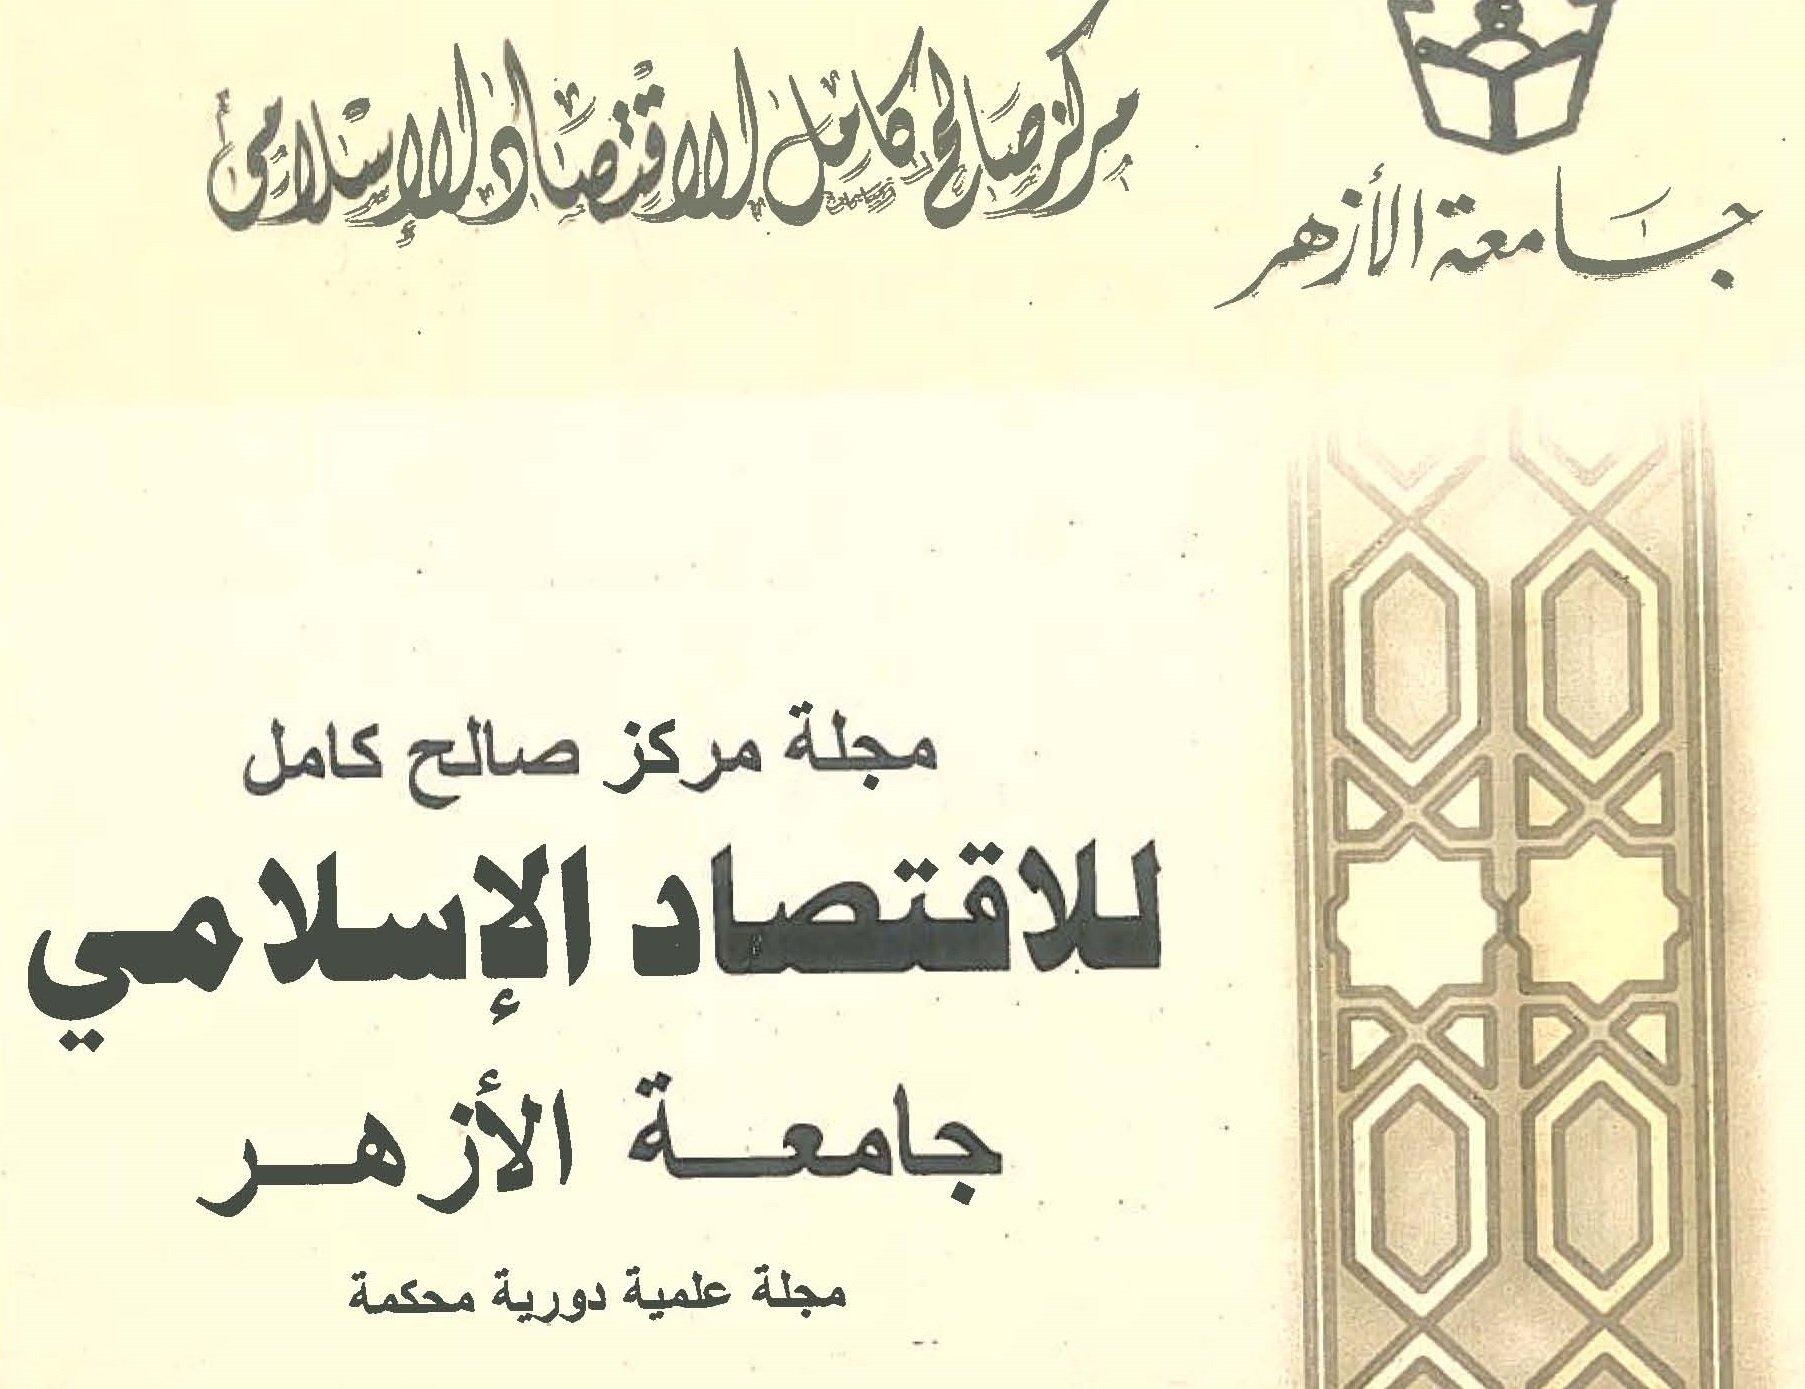 مجلة مركز صالح كامل للاقتصاد الإسلامي